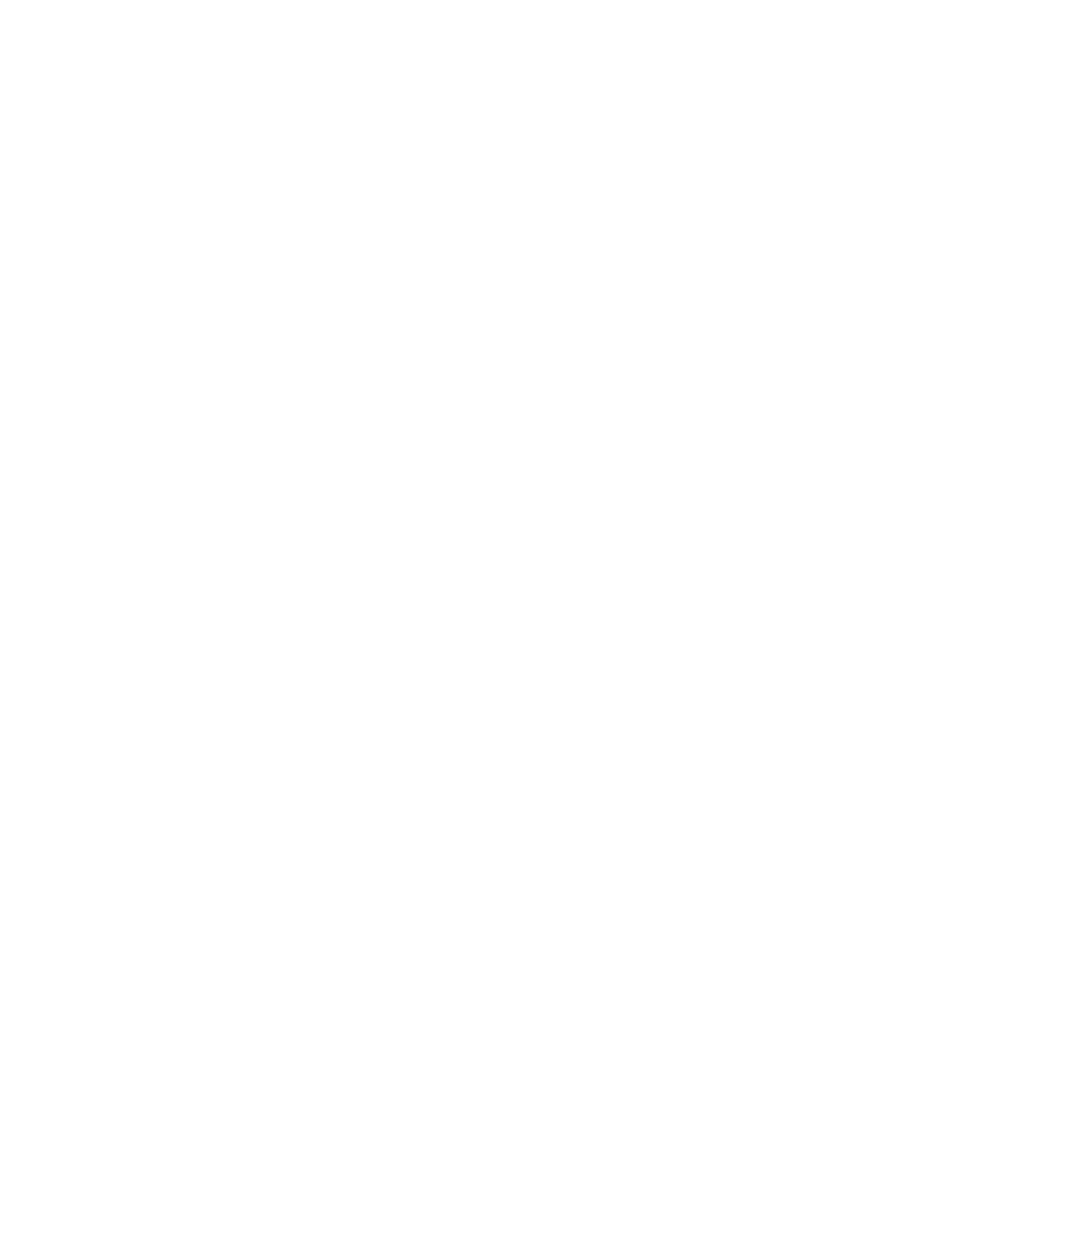 mapa002_en